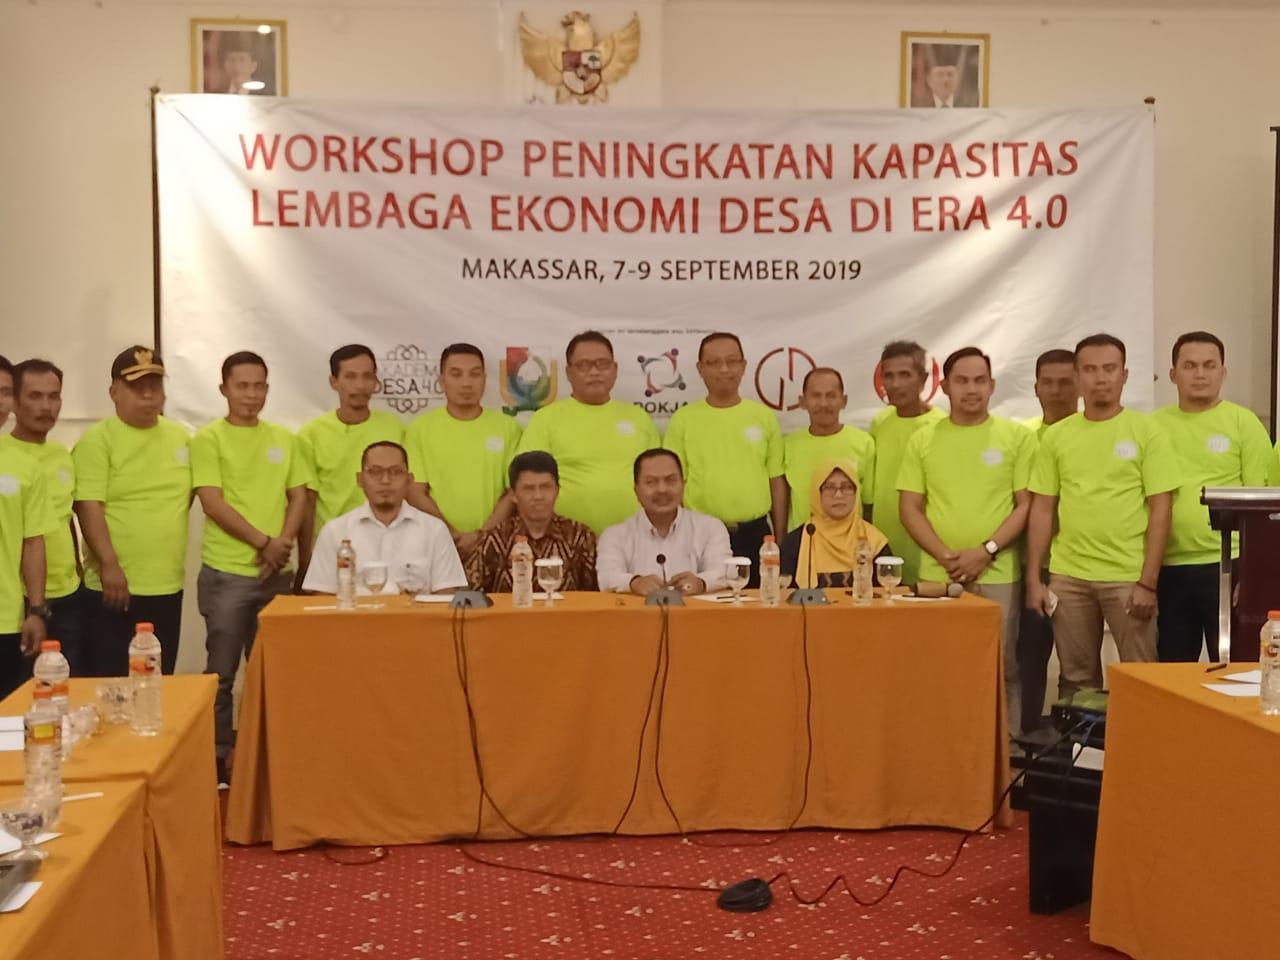 Gambar Pemdes dan Bumdes Majene Workshop di Makassar, Ini Tujuannya